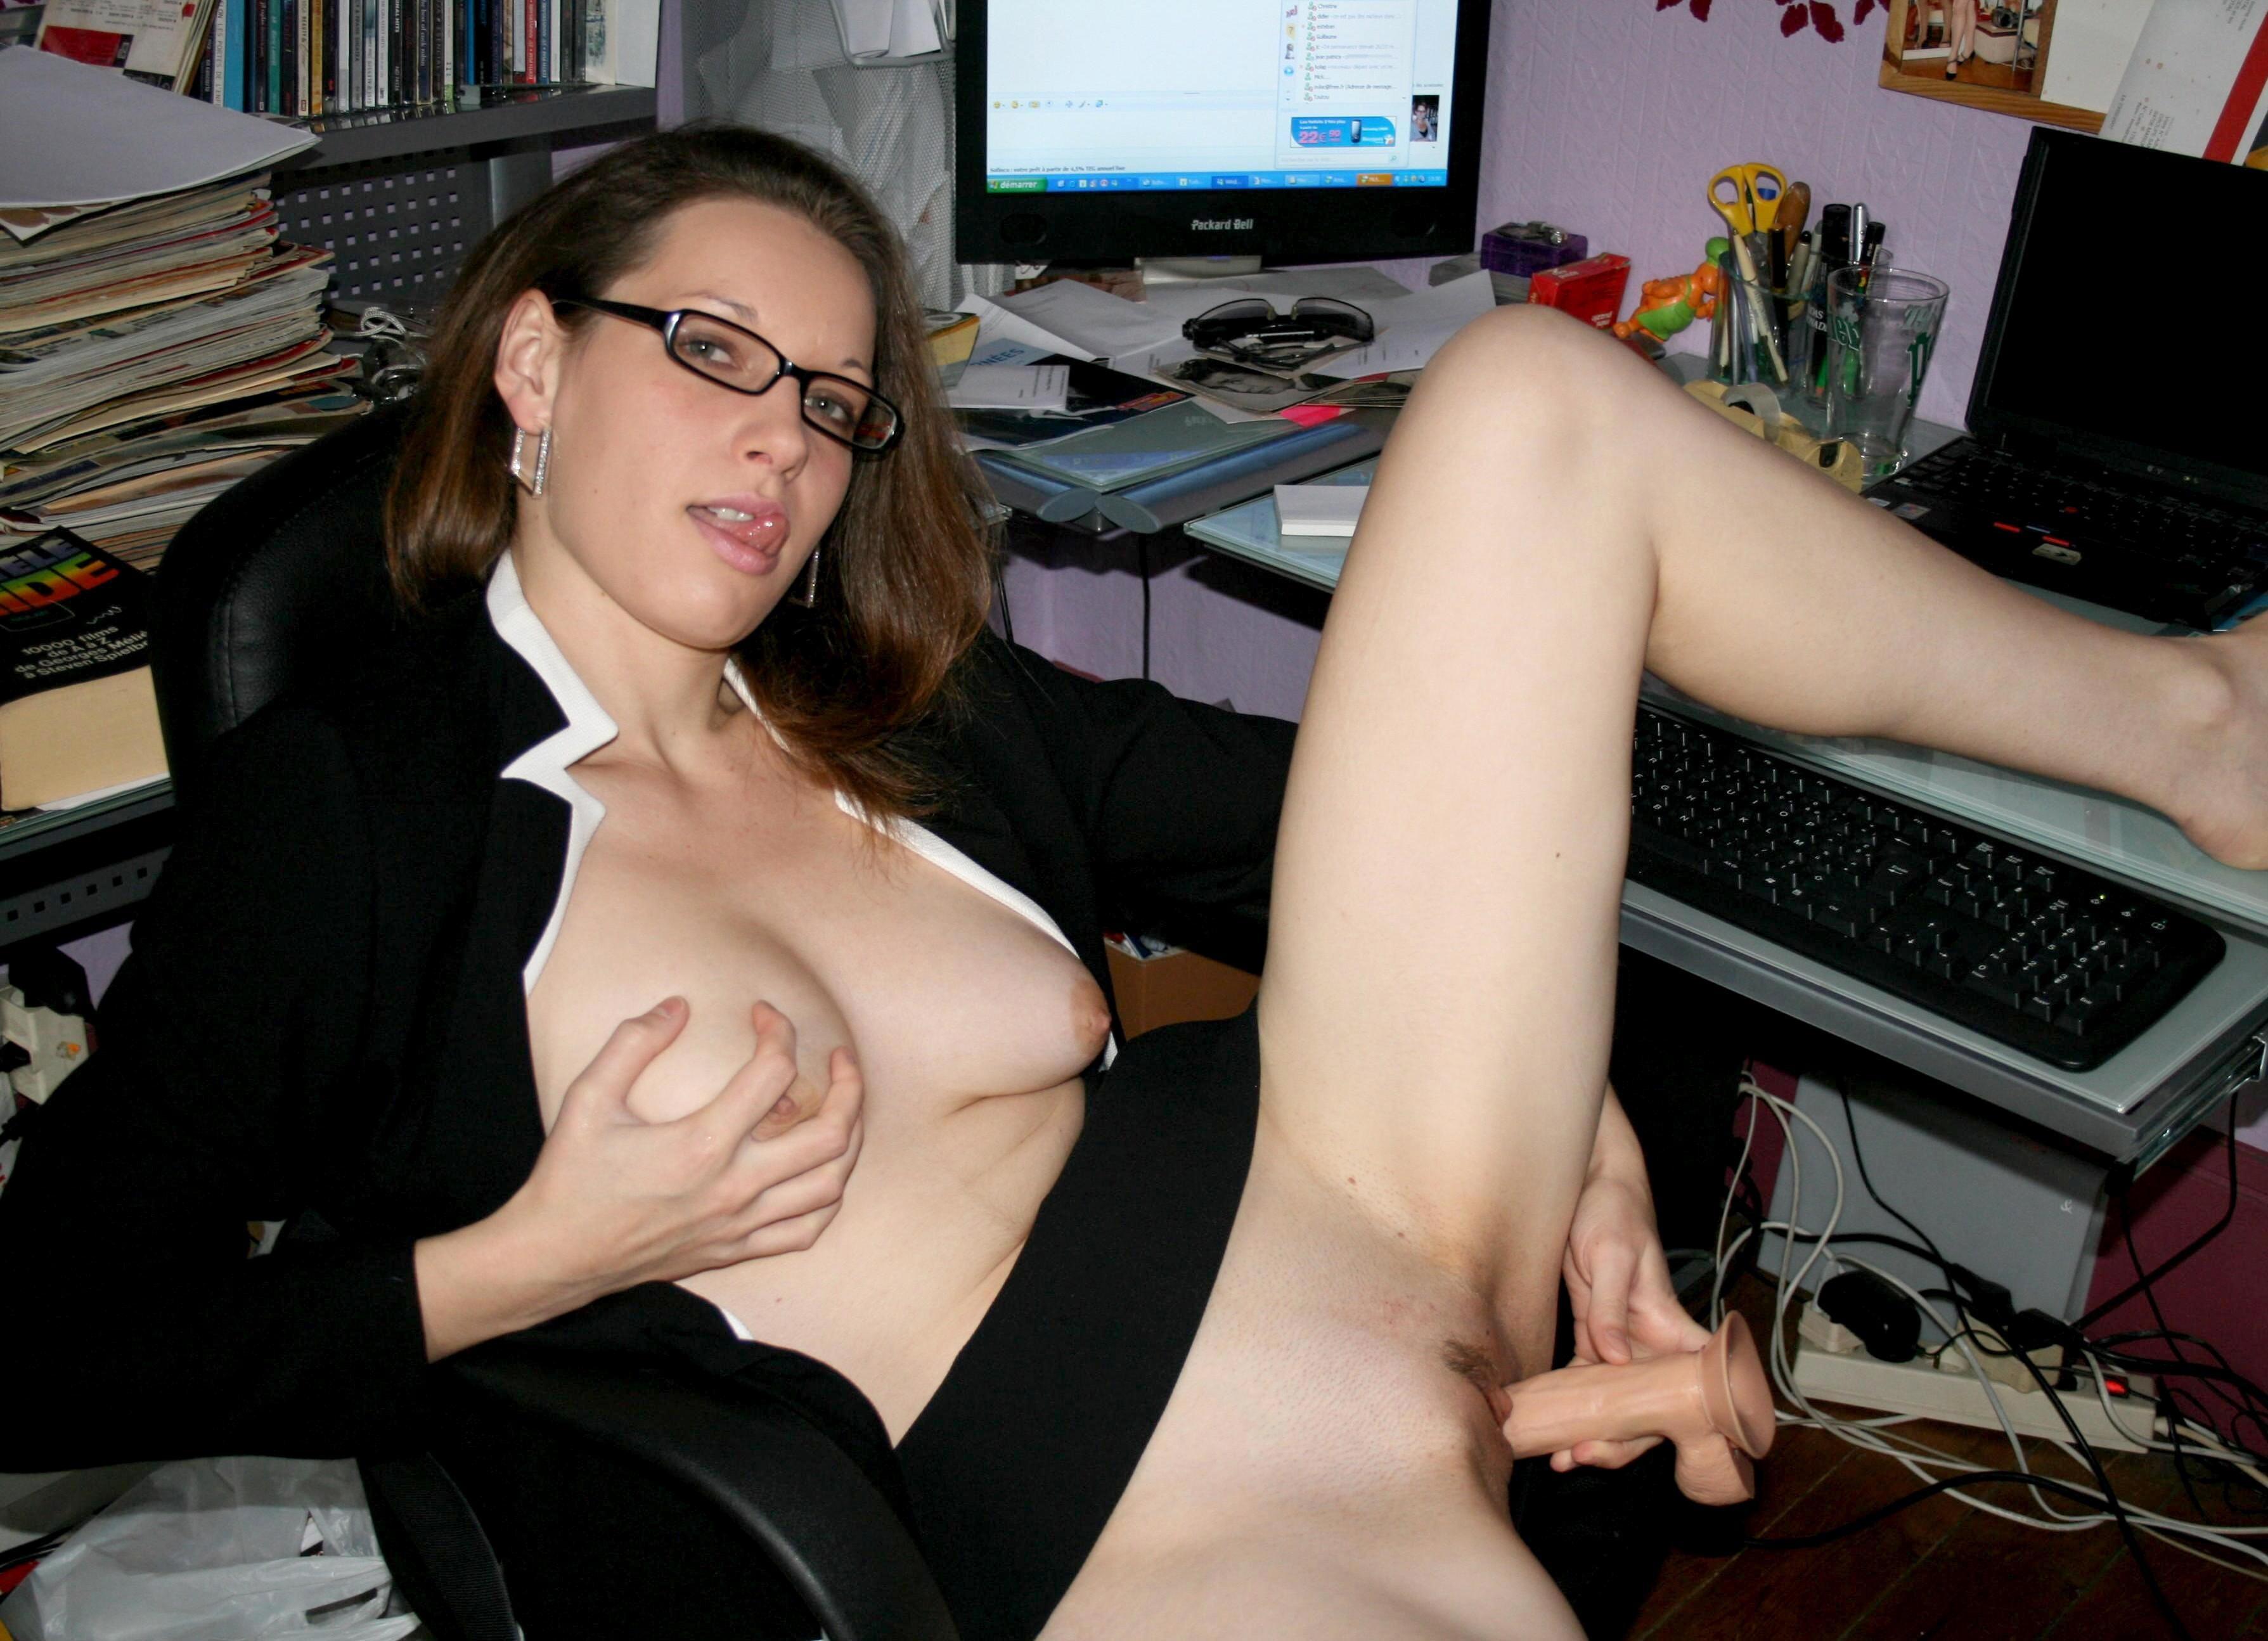 искали портал, гиг порно дрочка перед компьютером фото инцест